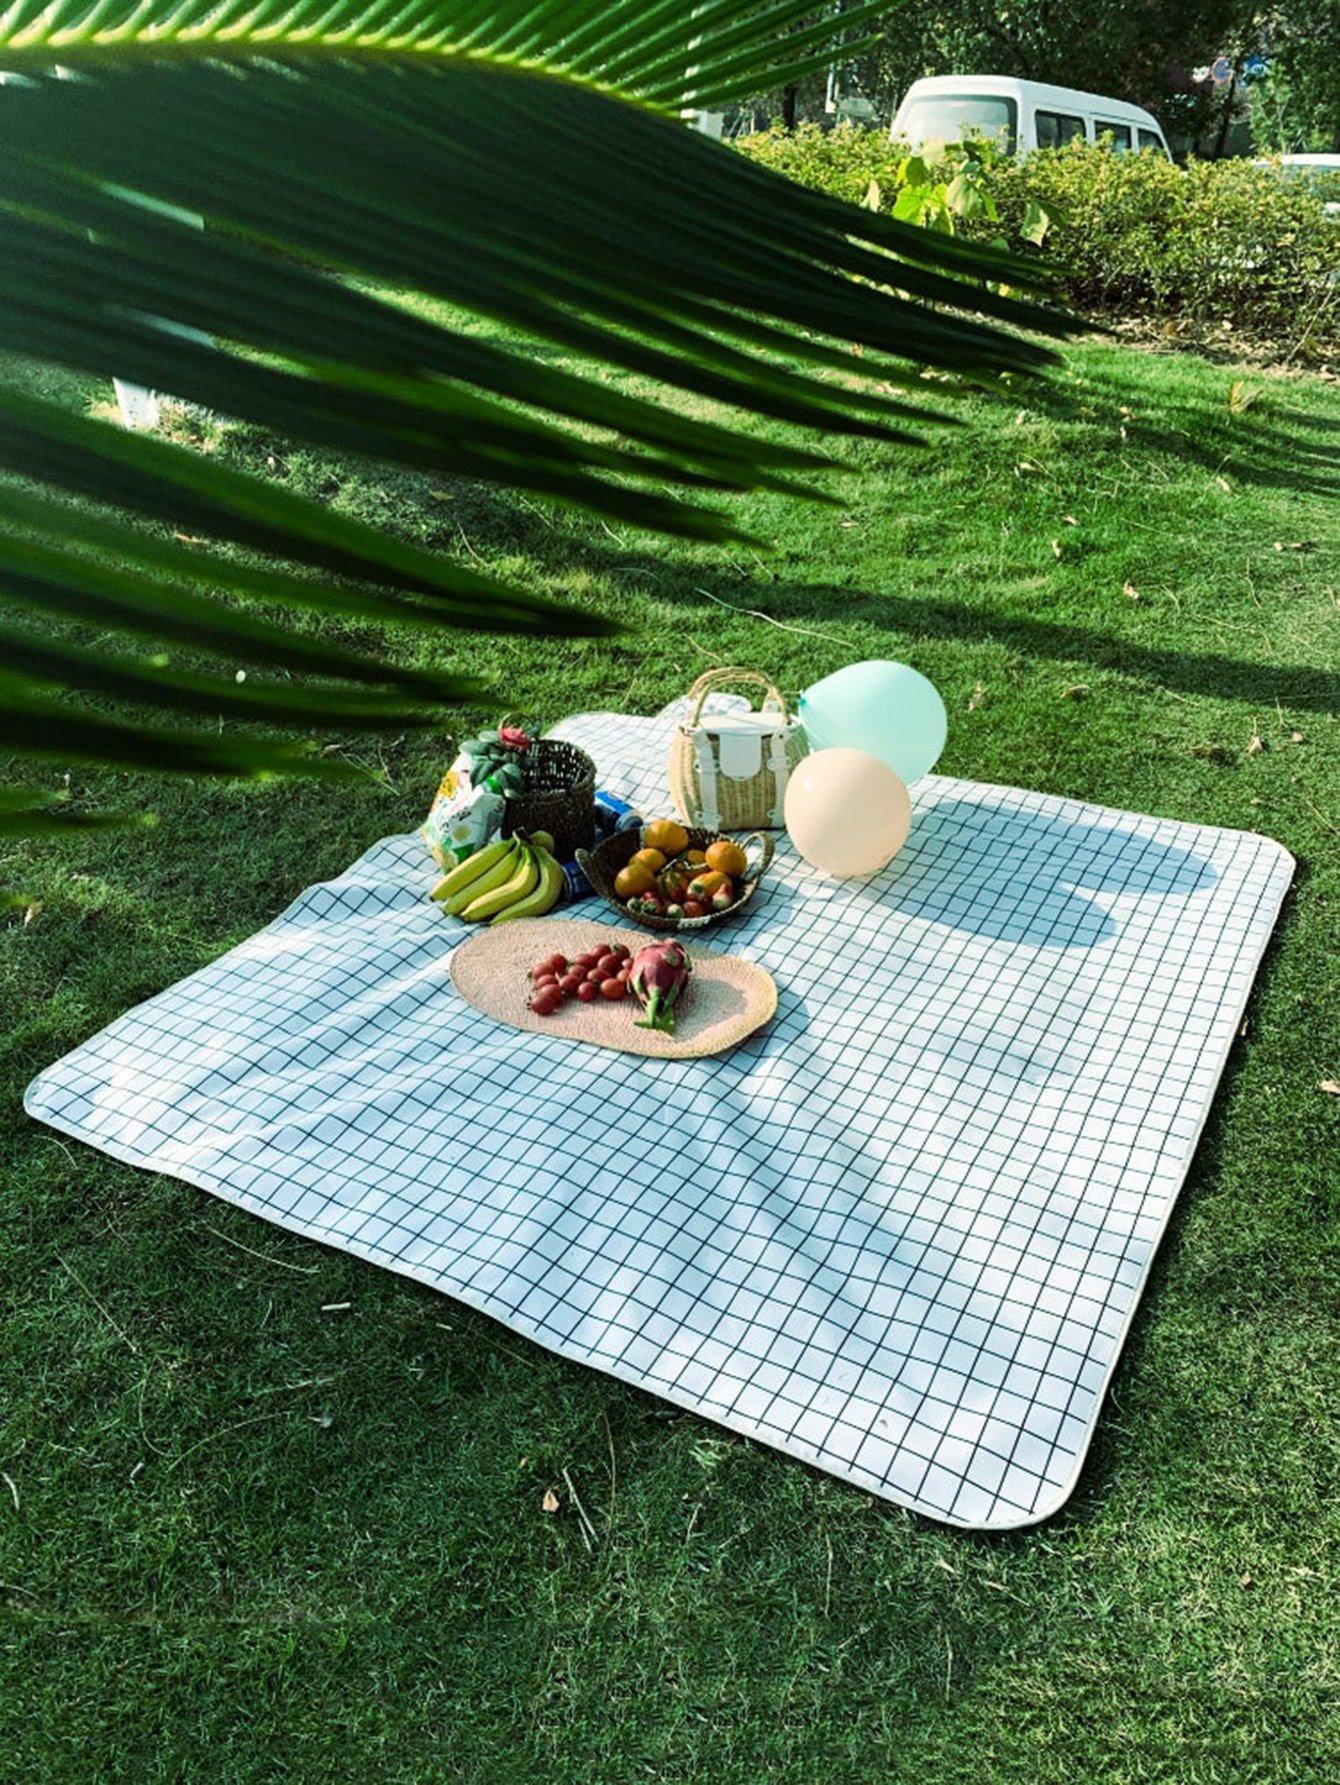 Plaid waterproof picnic blanket